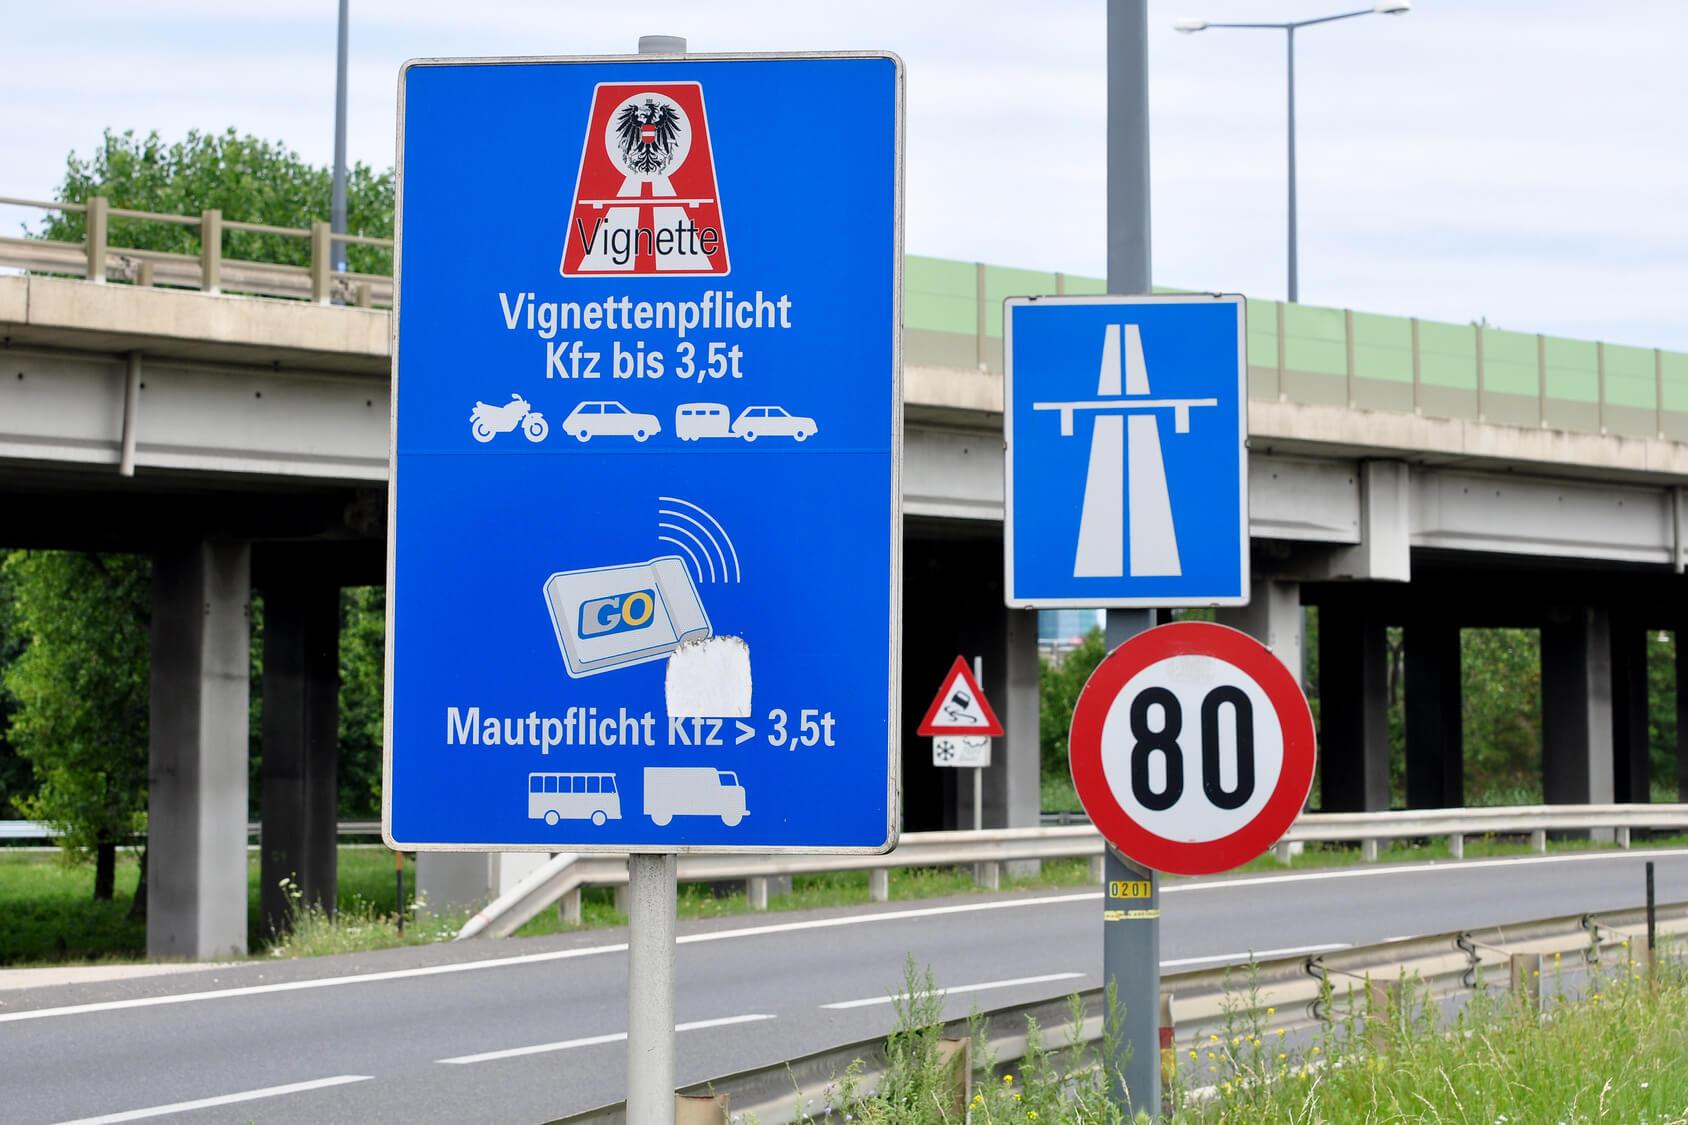 Autobahnschild in Österreich mit Vignettenpflicht-Hinweis und GO-Box-Hinweis für Lkw über 3,5 t.